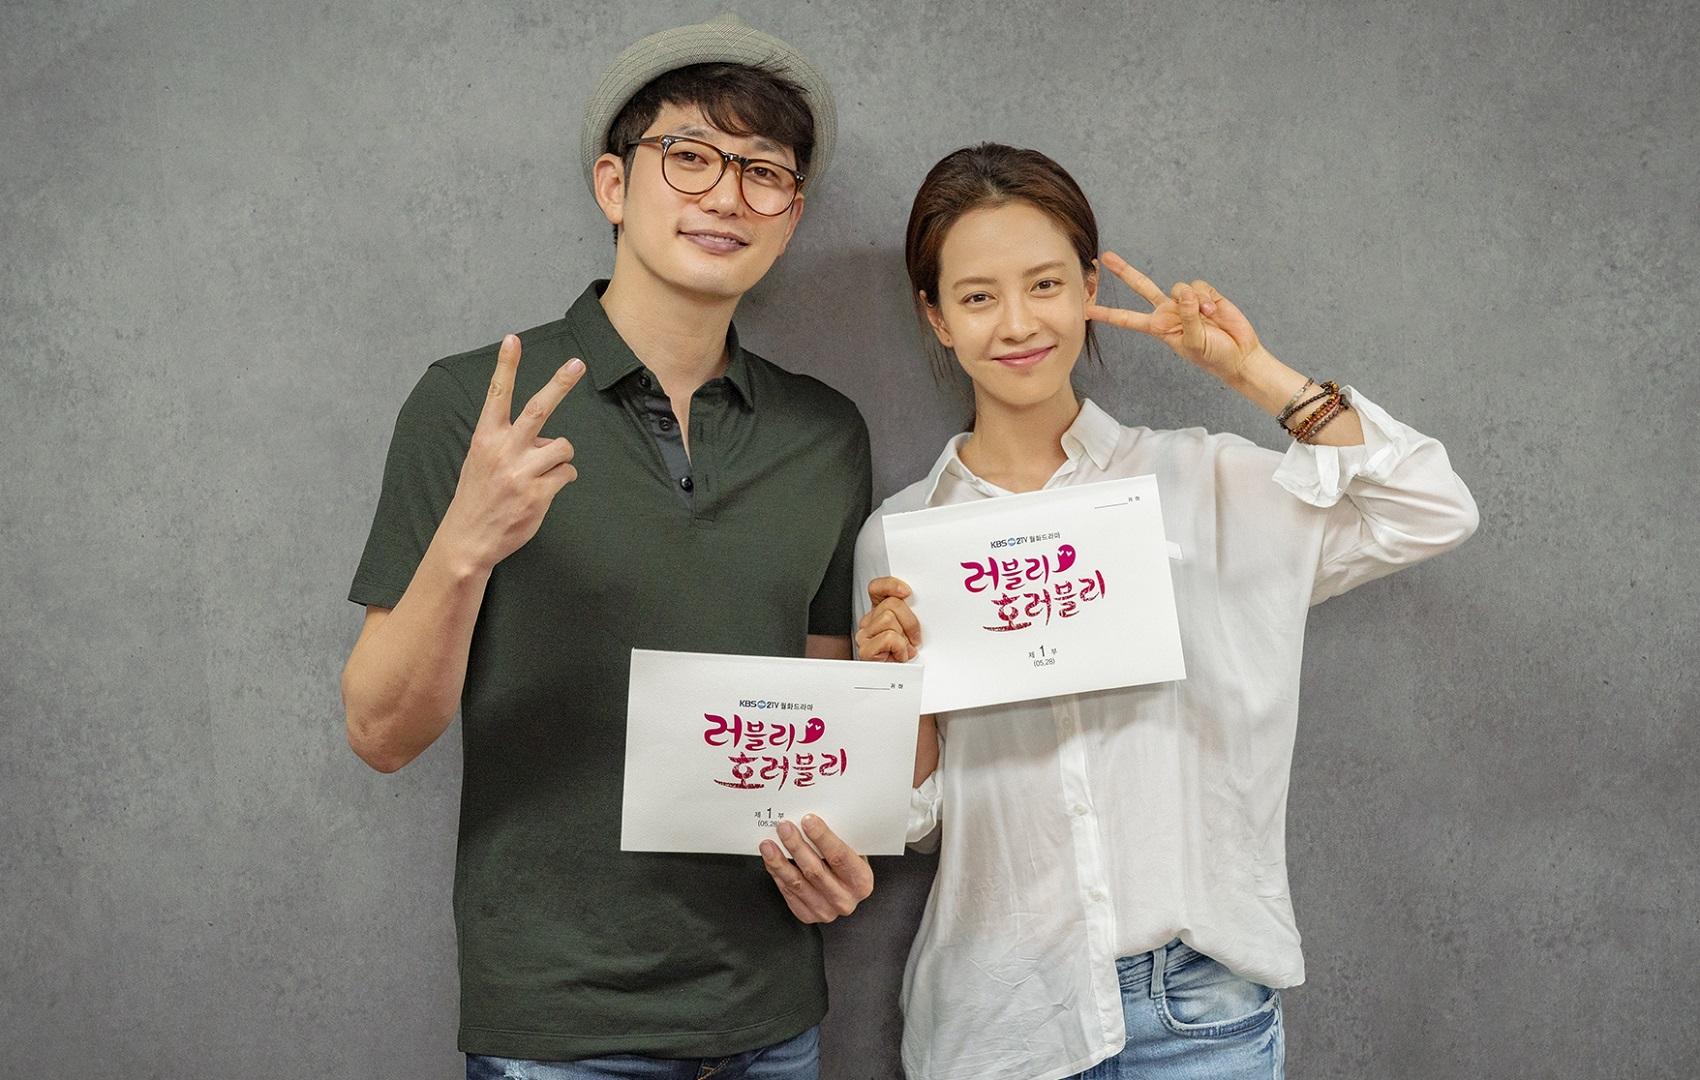 '러블리 호러블리' 박시후-송지효-이기광-함은정, 대본리딩 현장 공개! 첫 만남부터 케미 팡팡